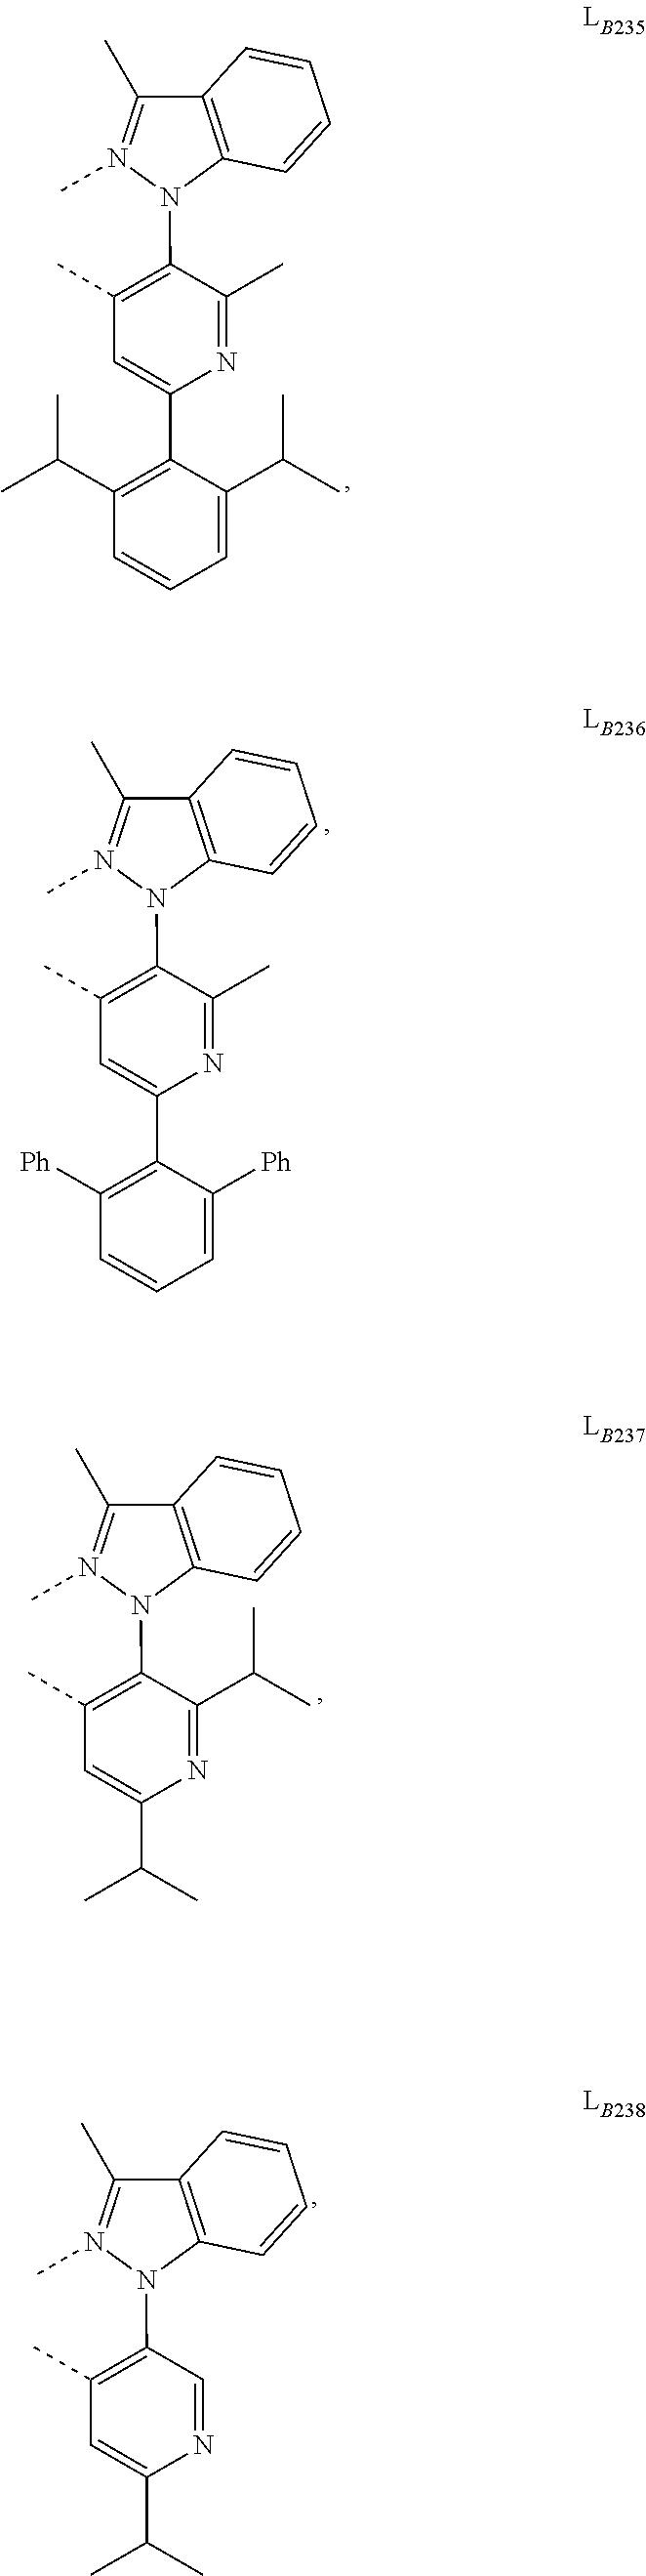 Figure US09905785-20180227-C00157